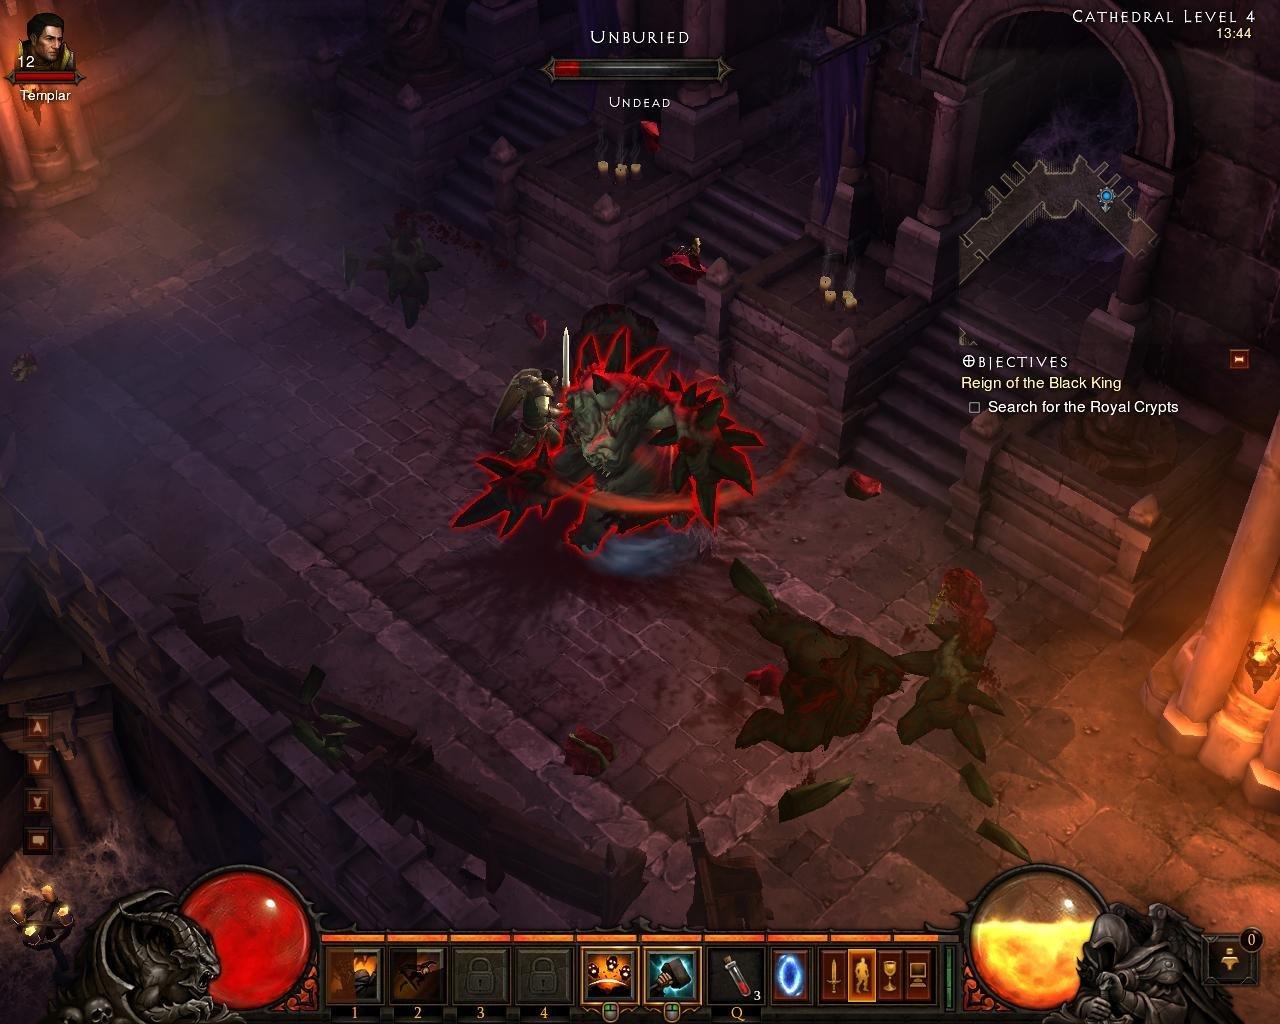 Diablo 3 скачать торрент механики 2018 pc на русском полная версия.